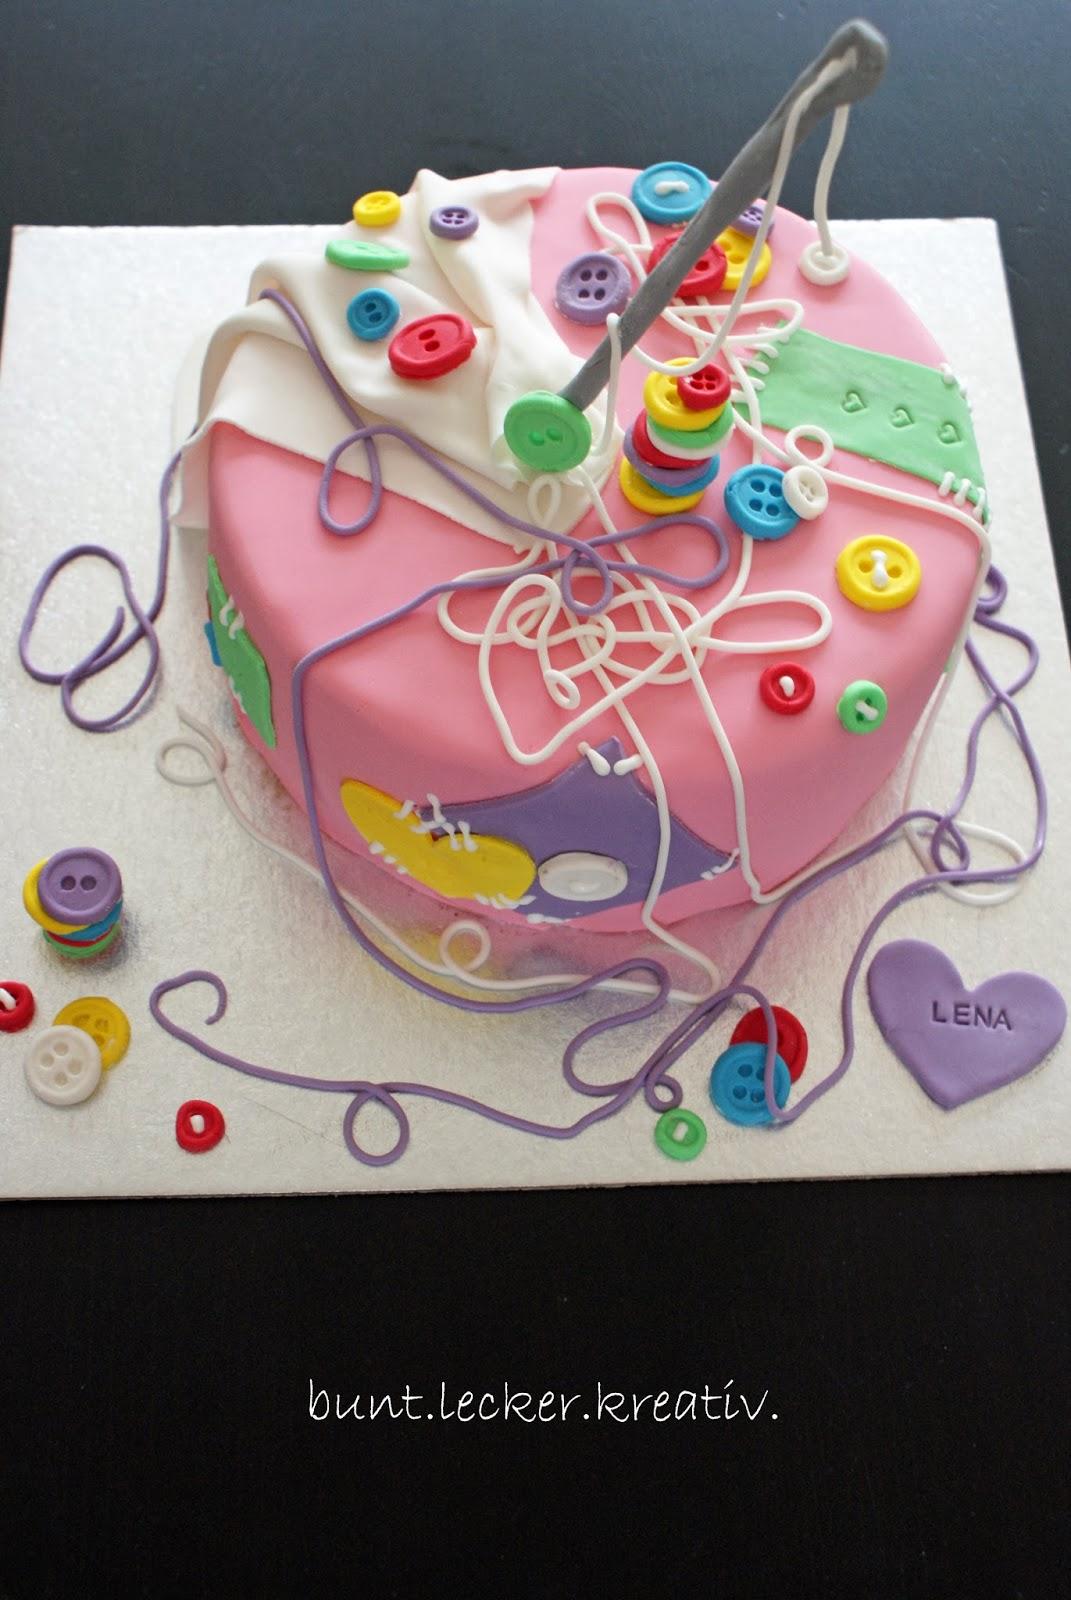 Nahen Torte Geburtstag Bunt Lecker Kreativ